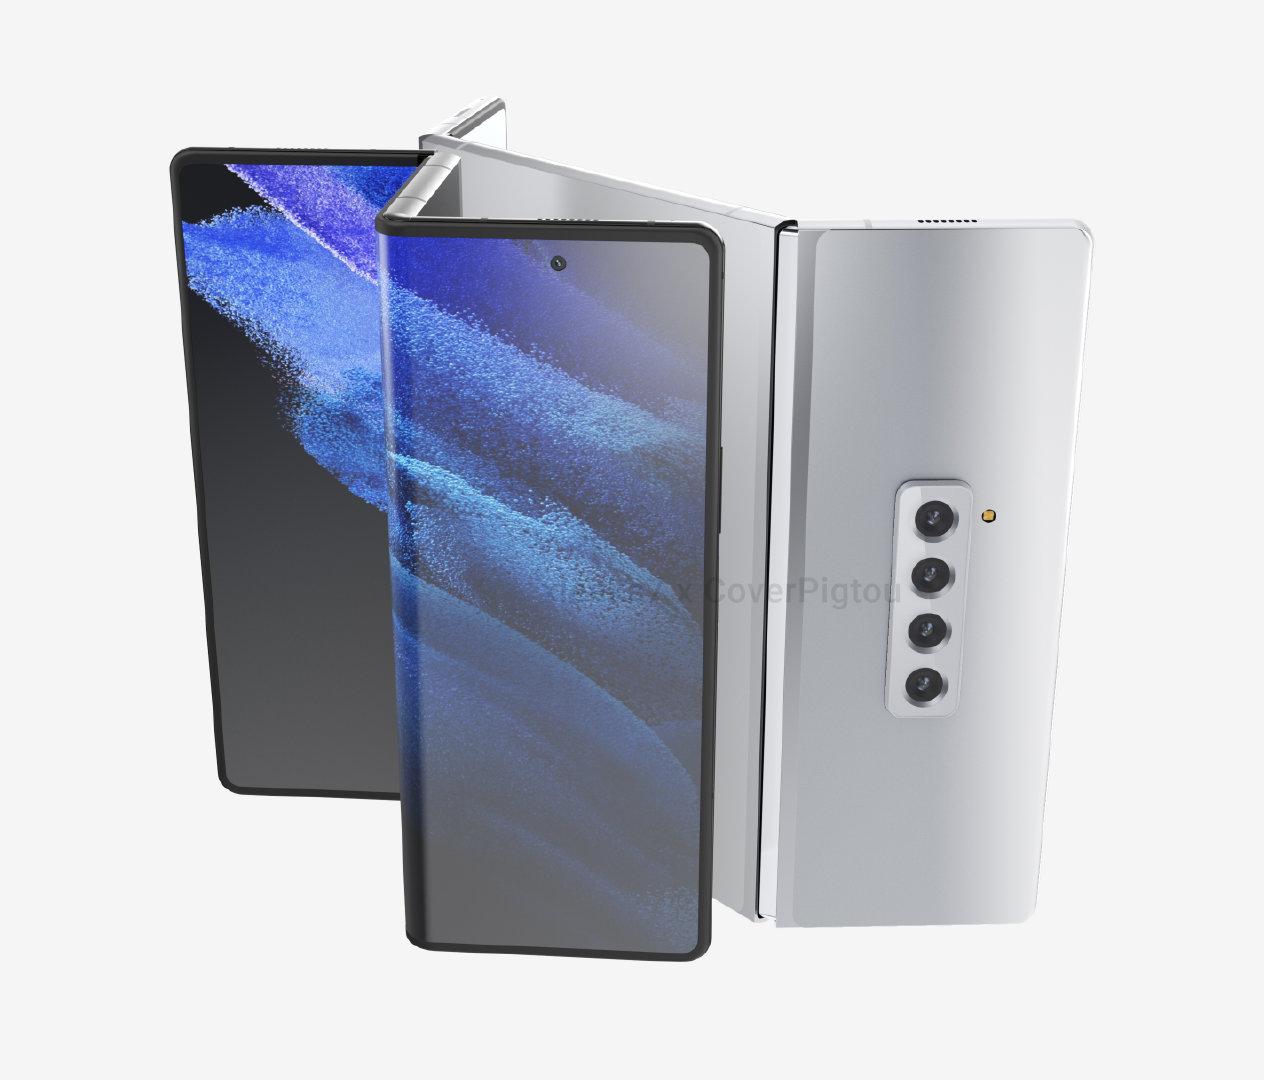 三星三折机型Galaxy Z Fold Tab将于Q1发布 采用更好的UTG